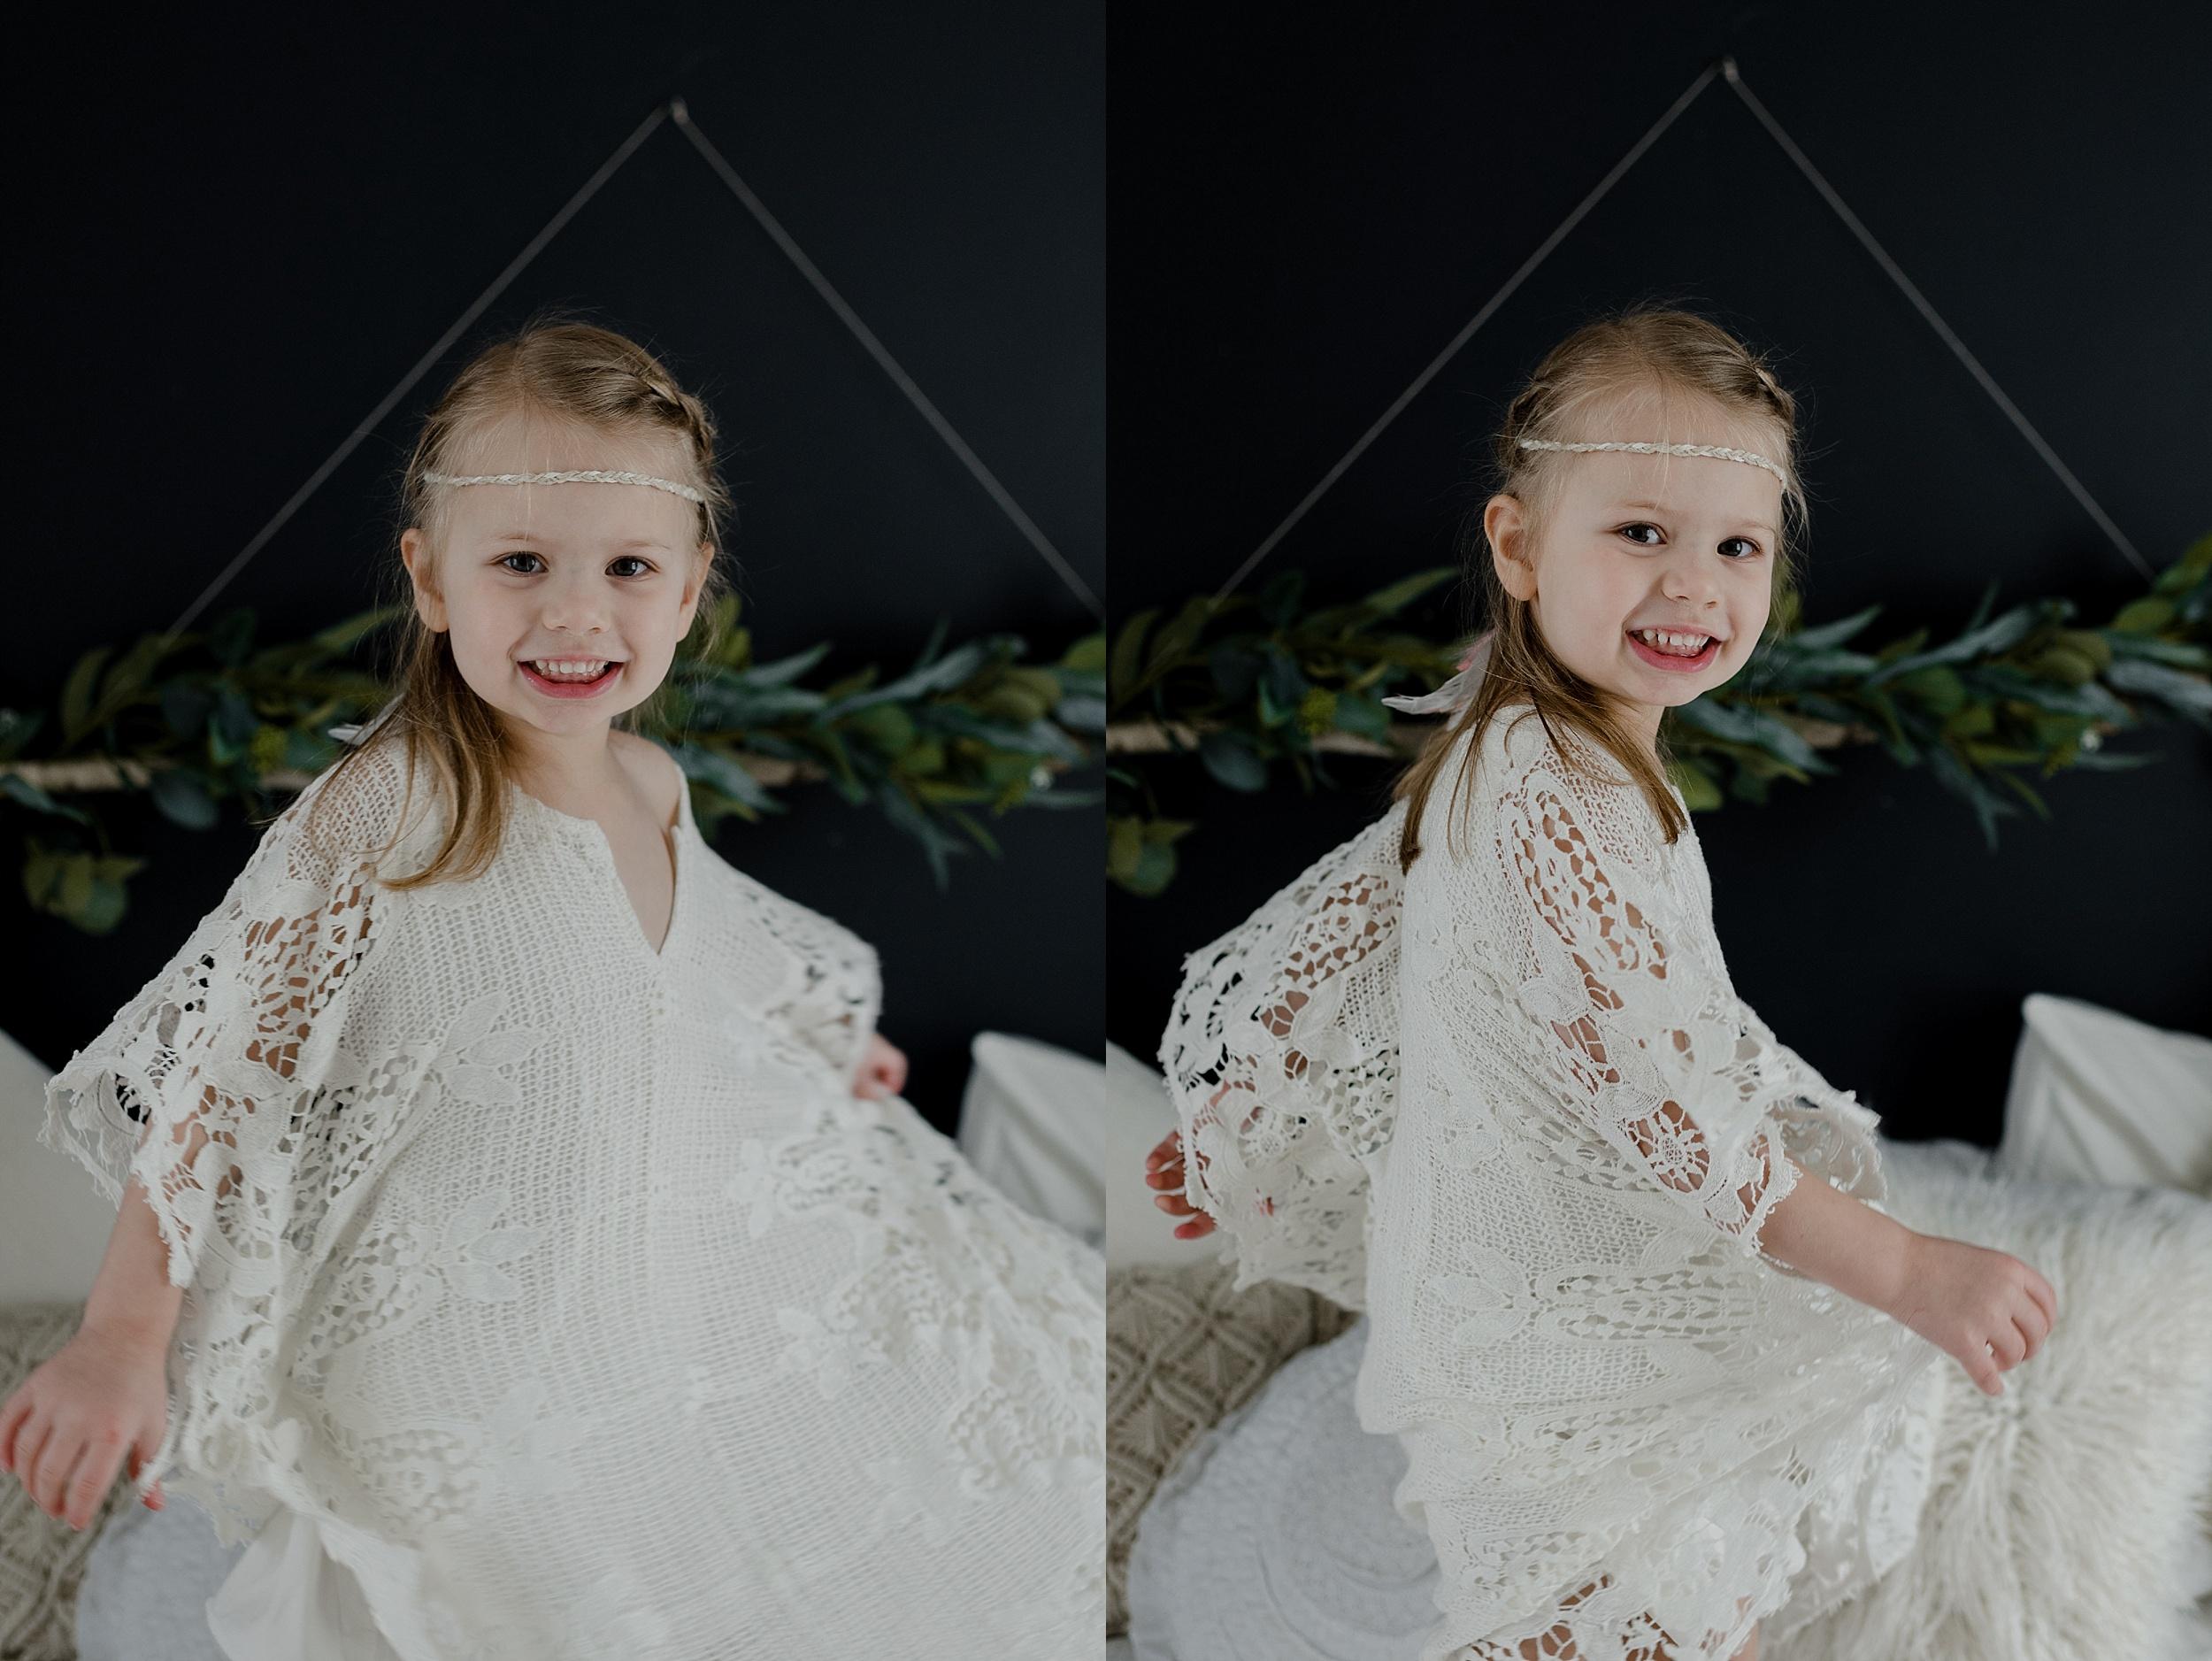 lauren-grayson-photography-portrait-artist-akron-cleveland-ohio-photographer-growth-comparison-breakout-clickin-moms_0146.jpg